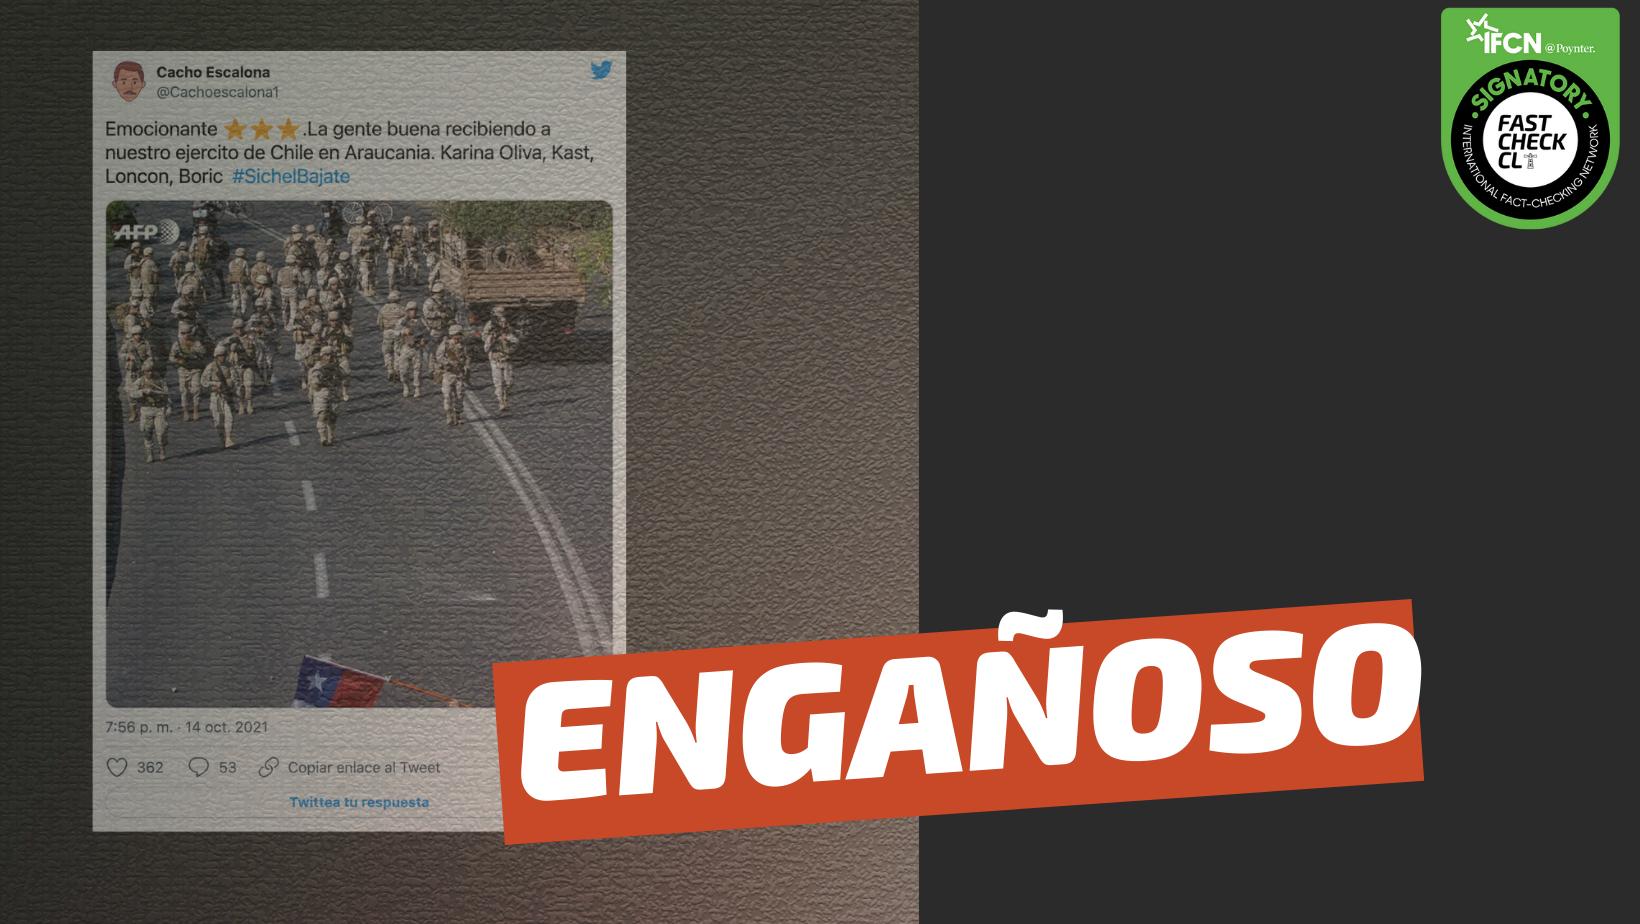 """Read more about the article (Imagen) """"Emocionante. La gente buena recibiendo a nuestro Ejército de Chile en la Araucanía"""": #Engañoso"""